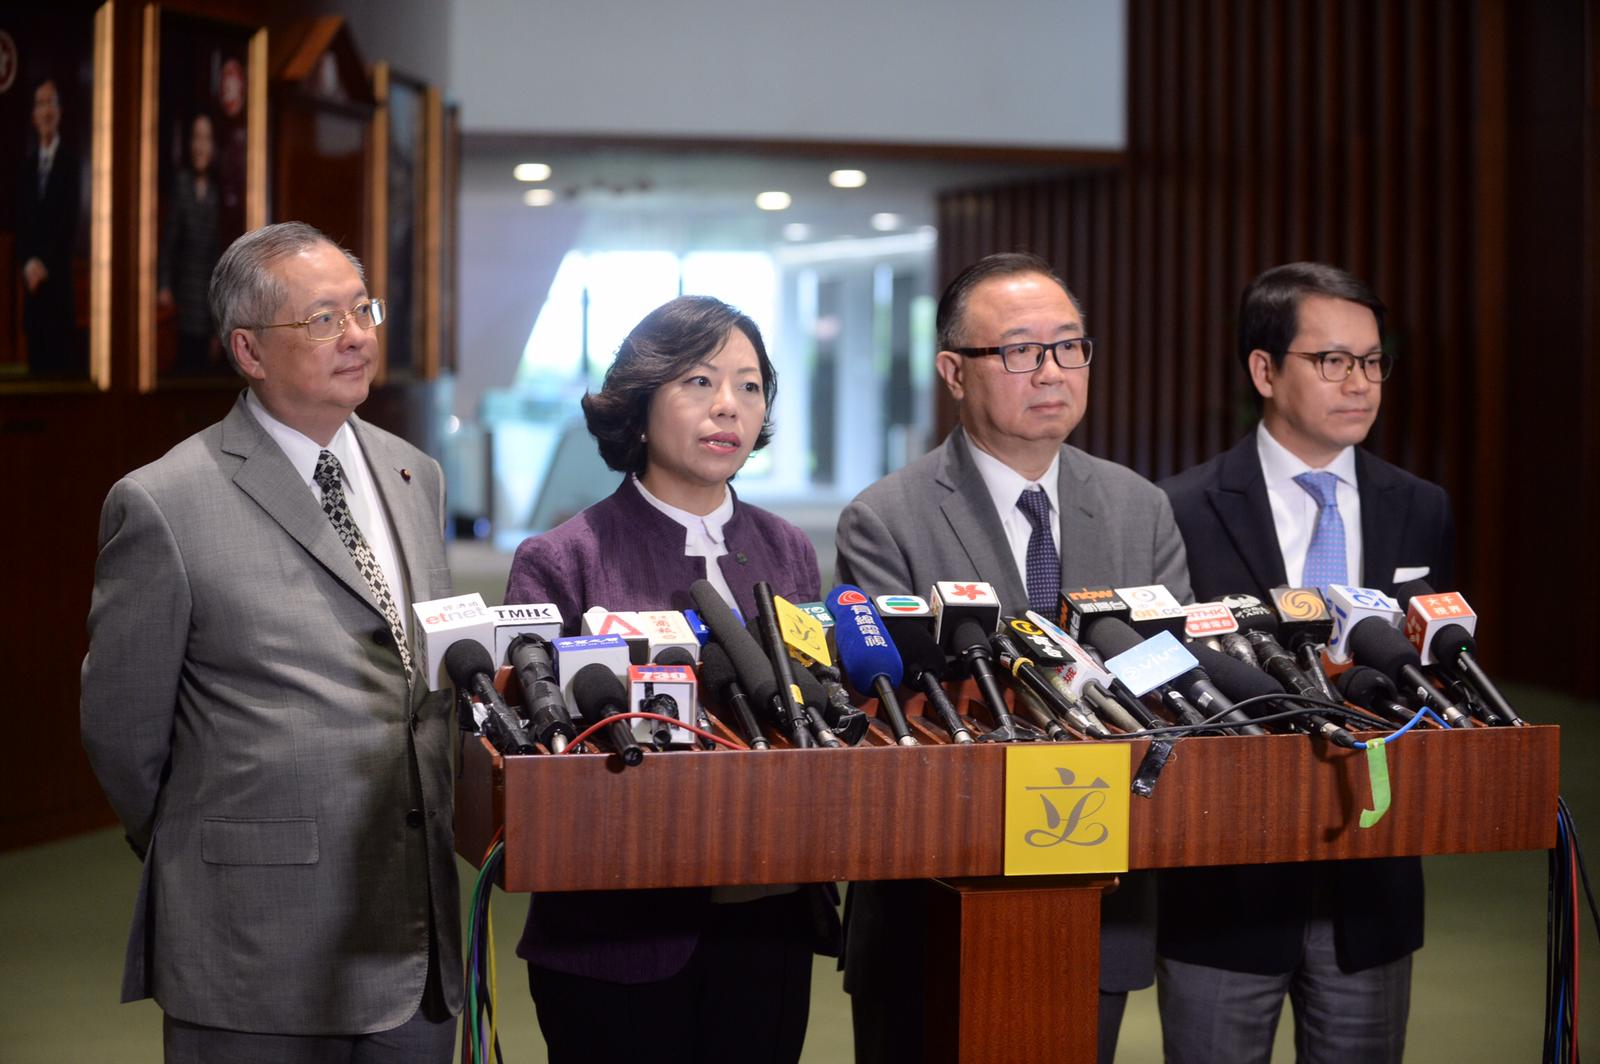 廖長江(右二)說建制派本著誠意開會,希望民主派有建設性建議,但最終看不到有誠意。